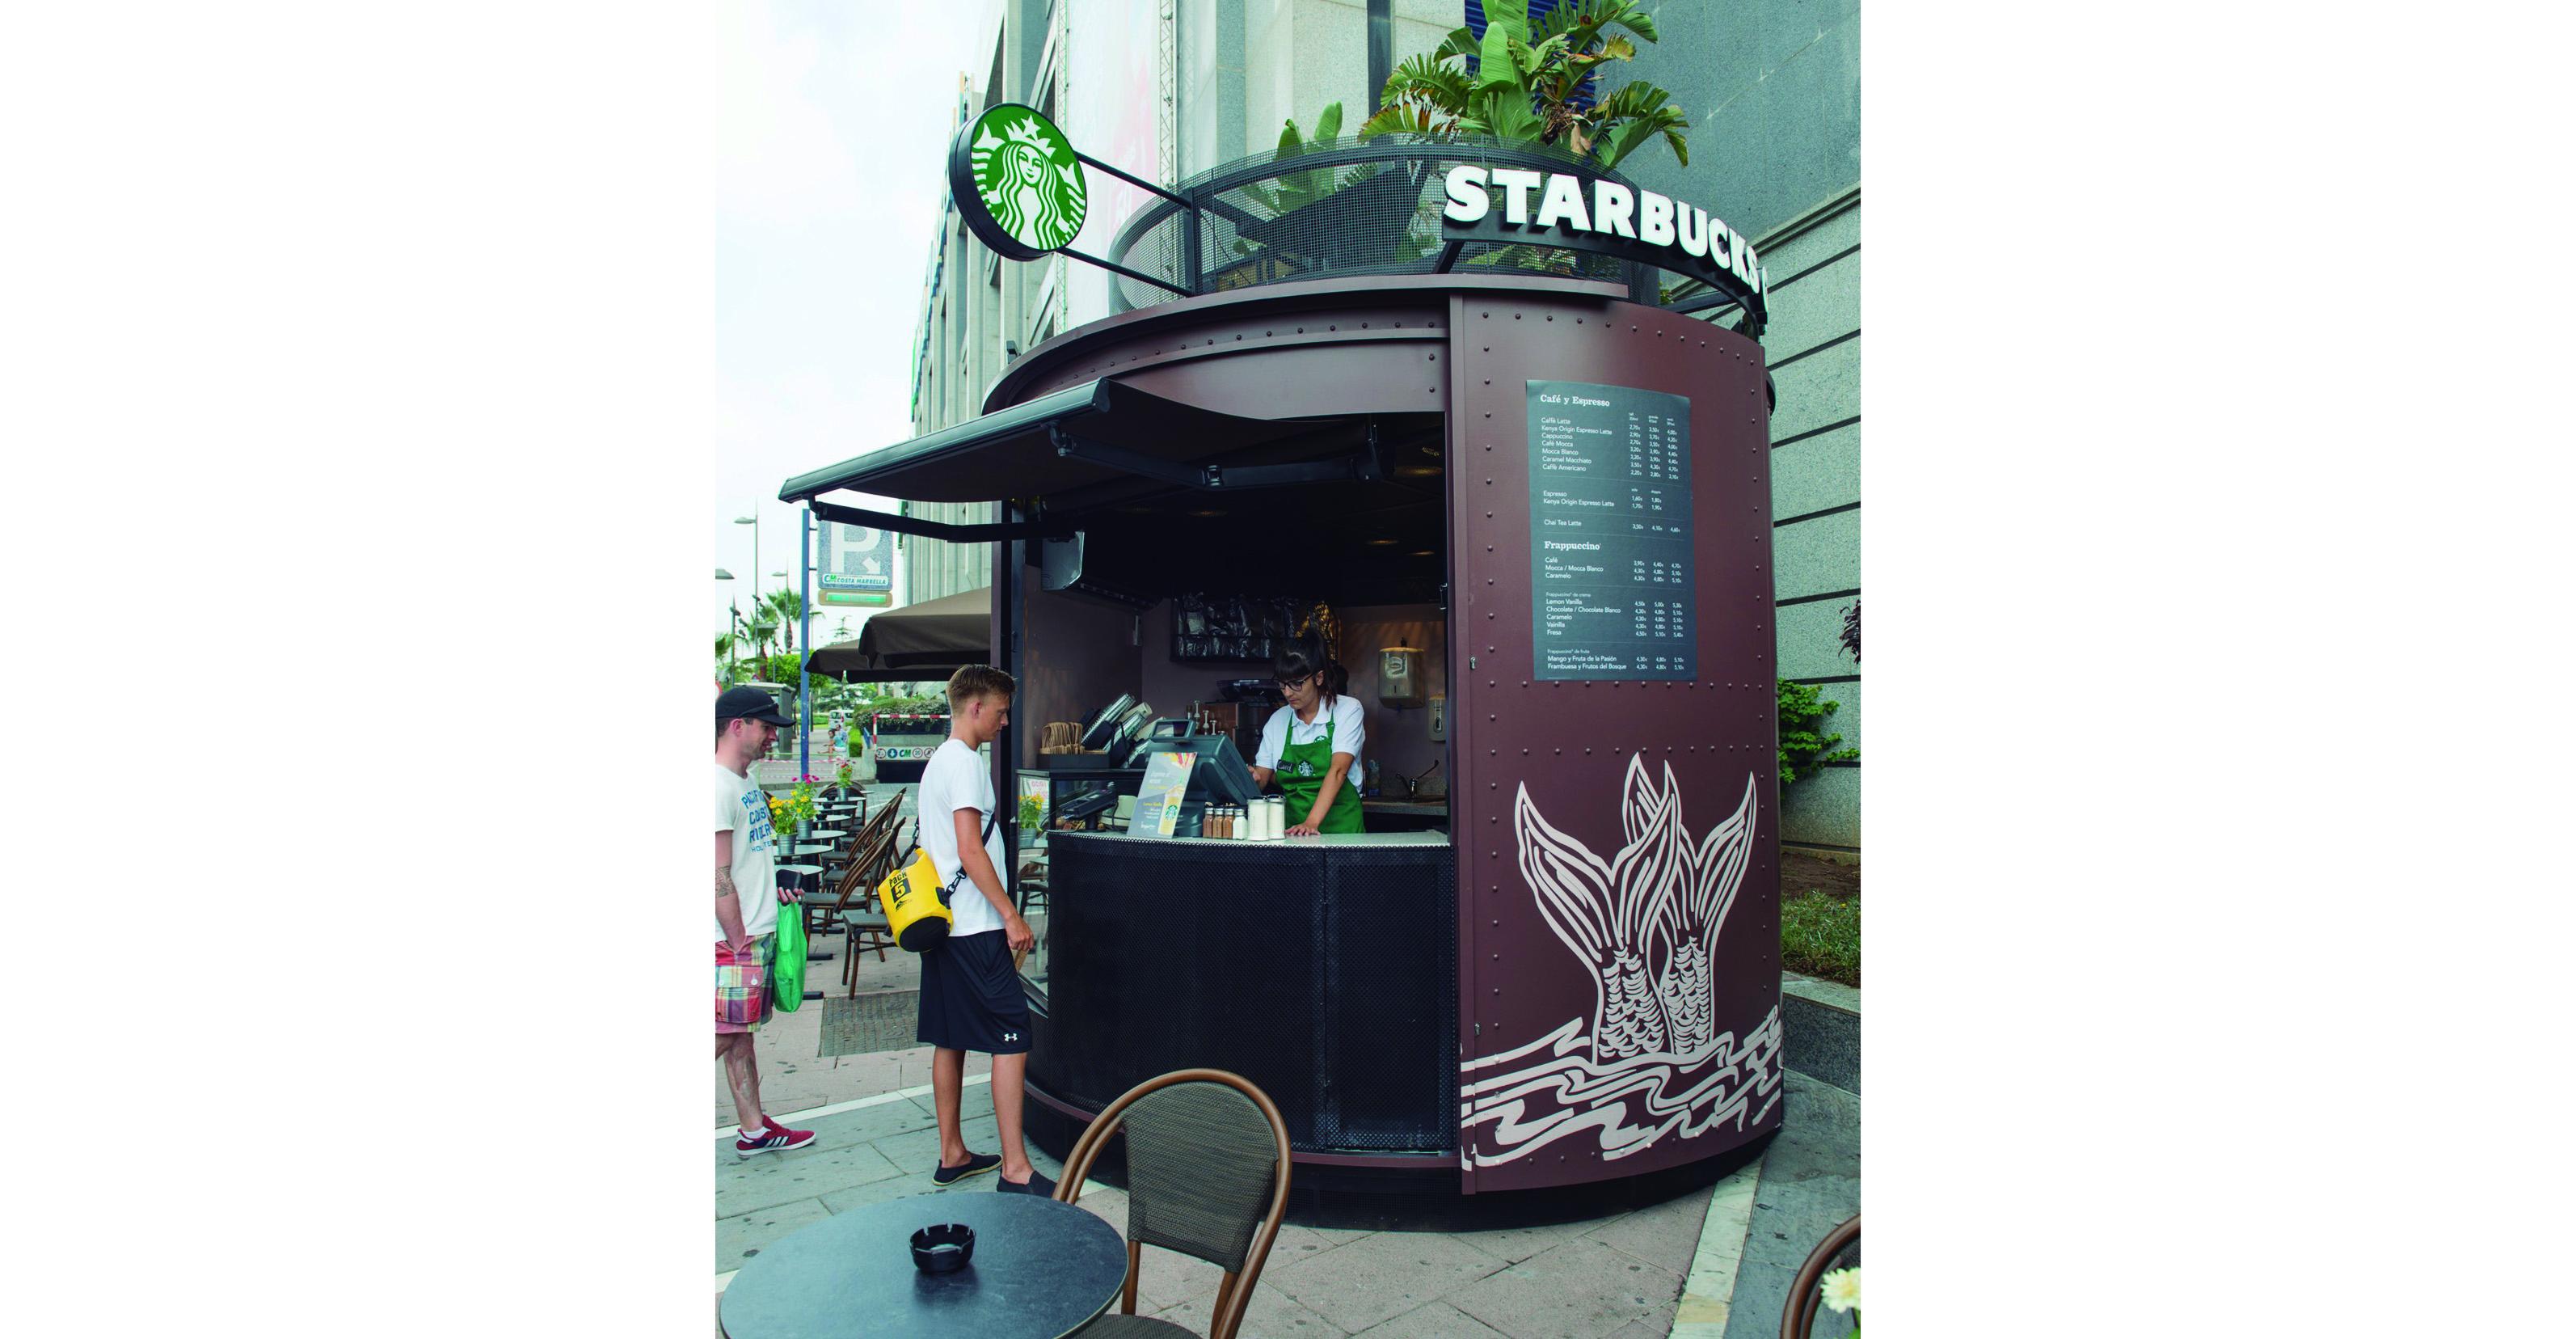 Nuevo concepto kiosco starbucks